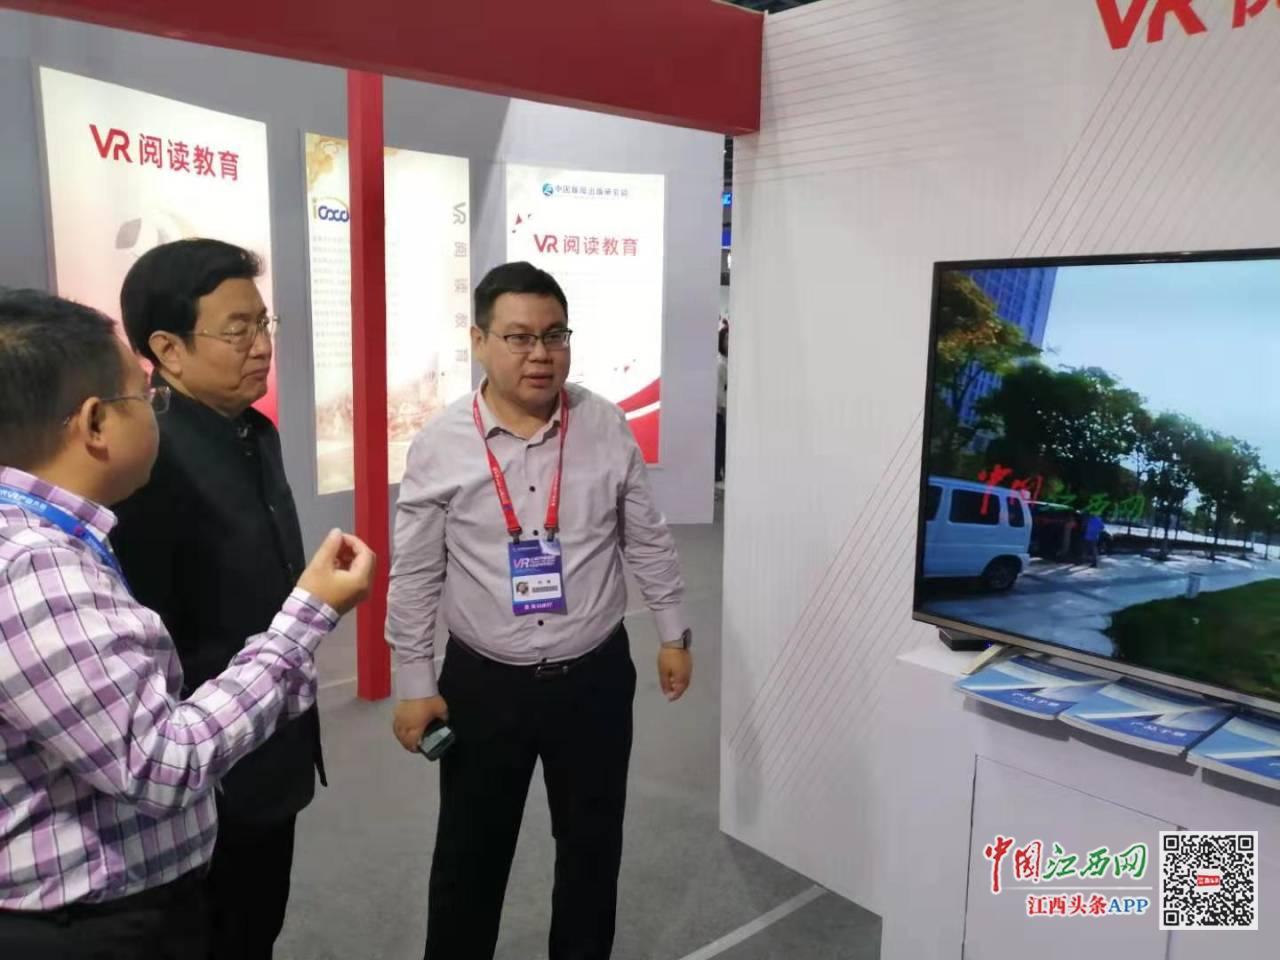 中宣部文改办副主任李建臣莅临大江传媒展位参观